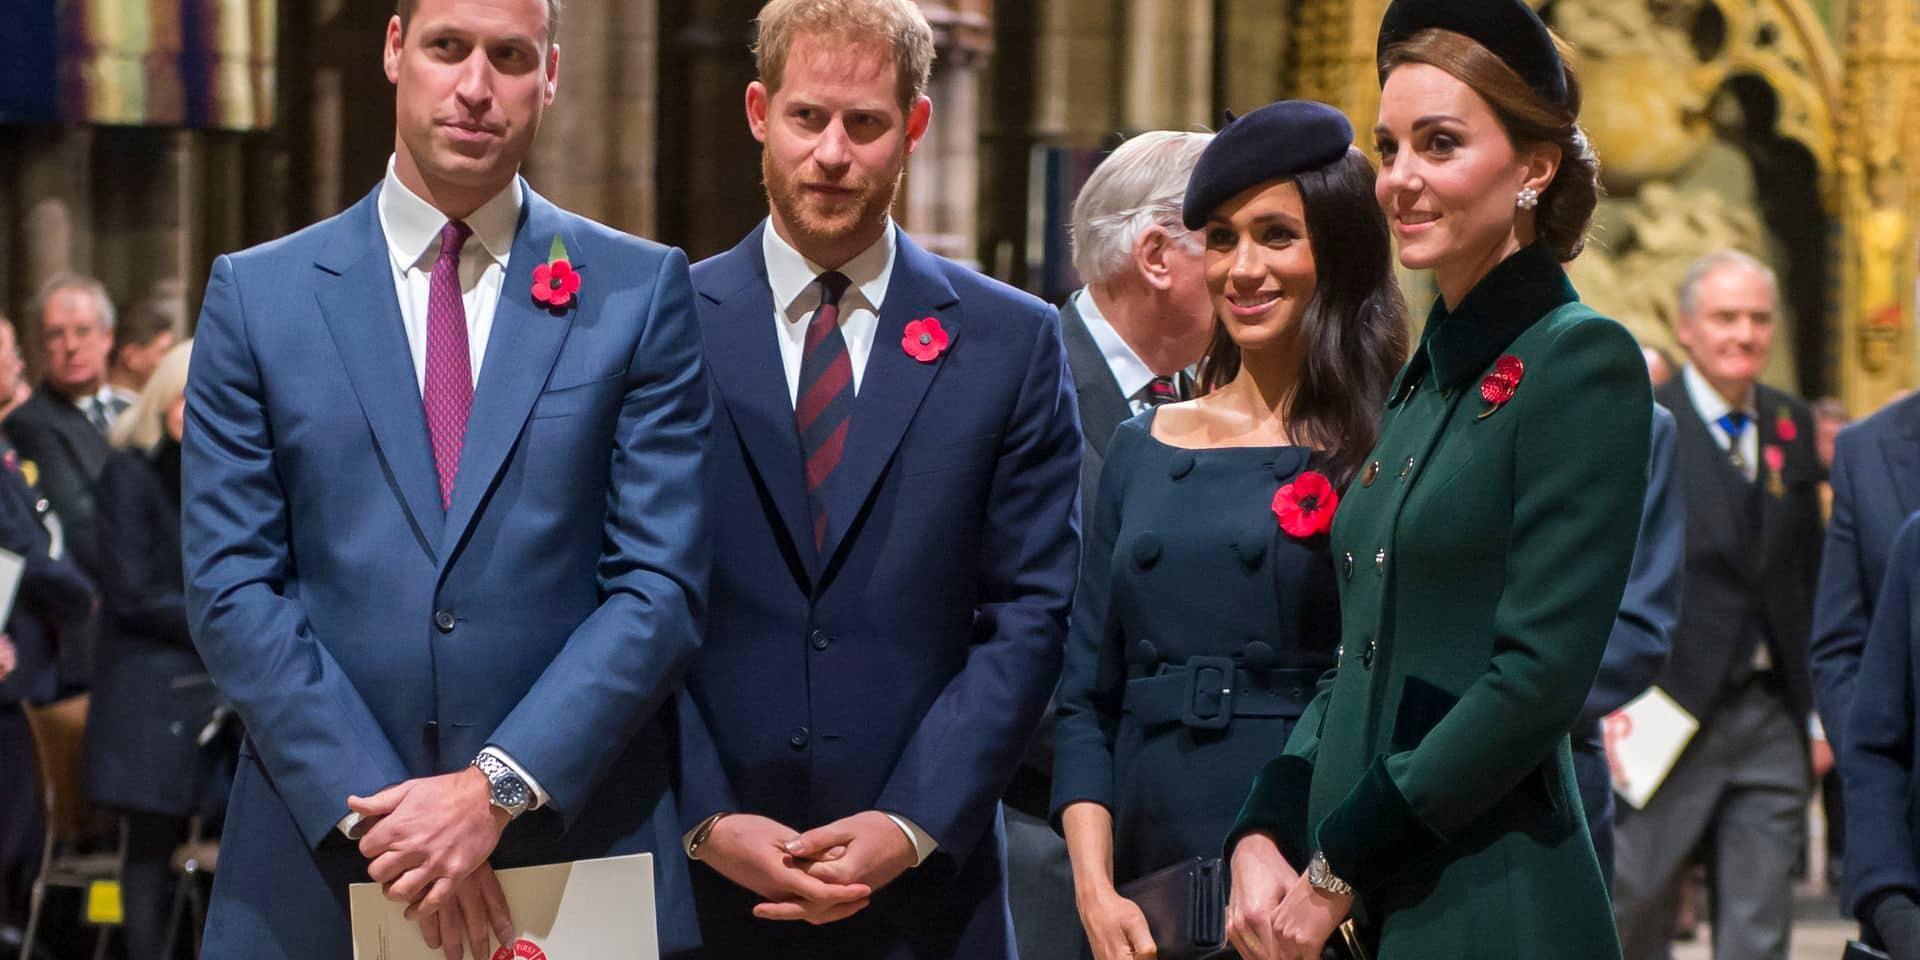 Sourires, nature et amour : la famille royale britannique vous présente ses cartes de Noël